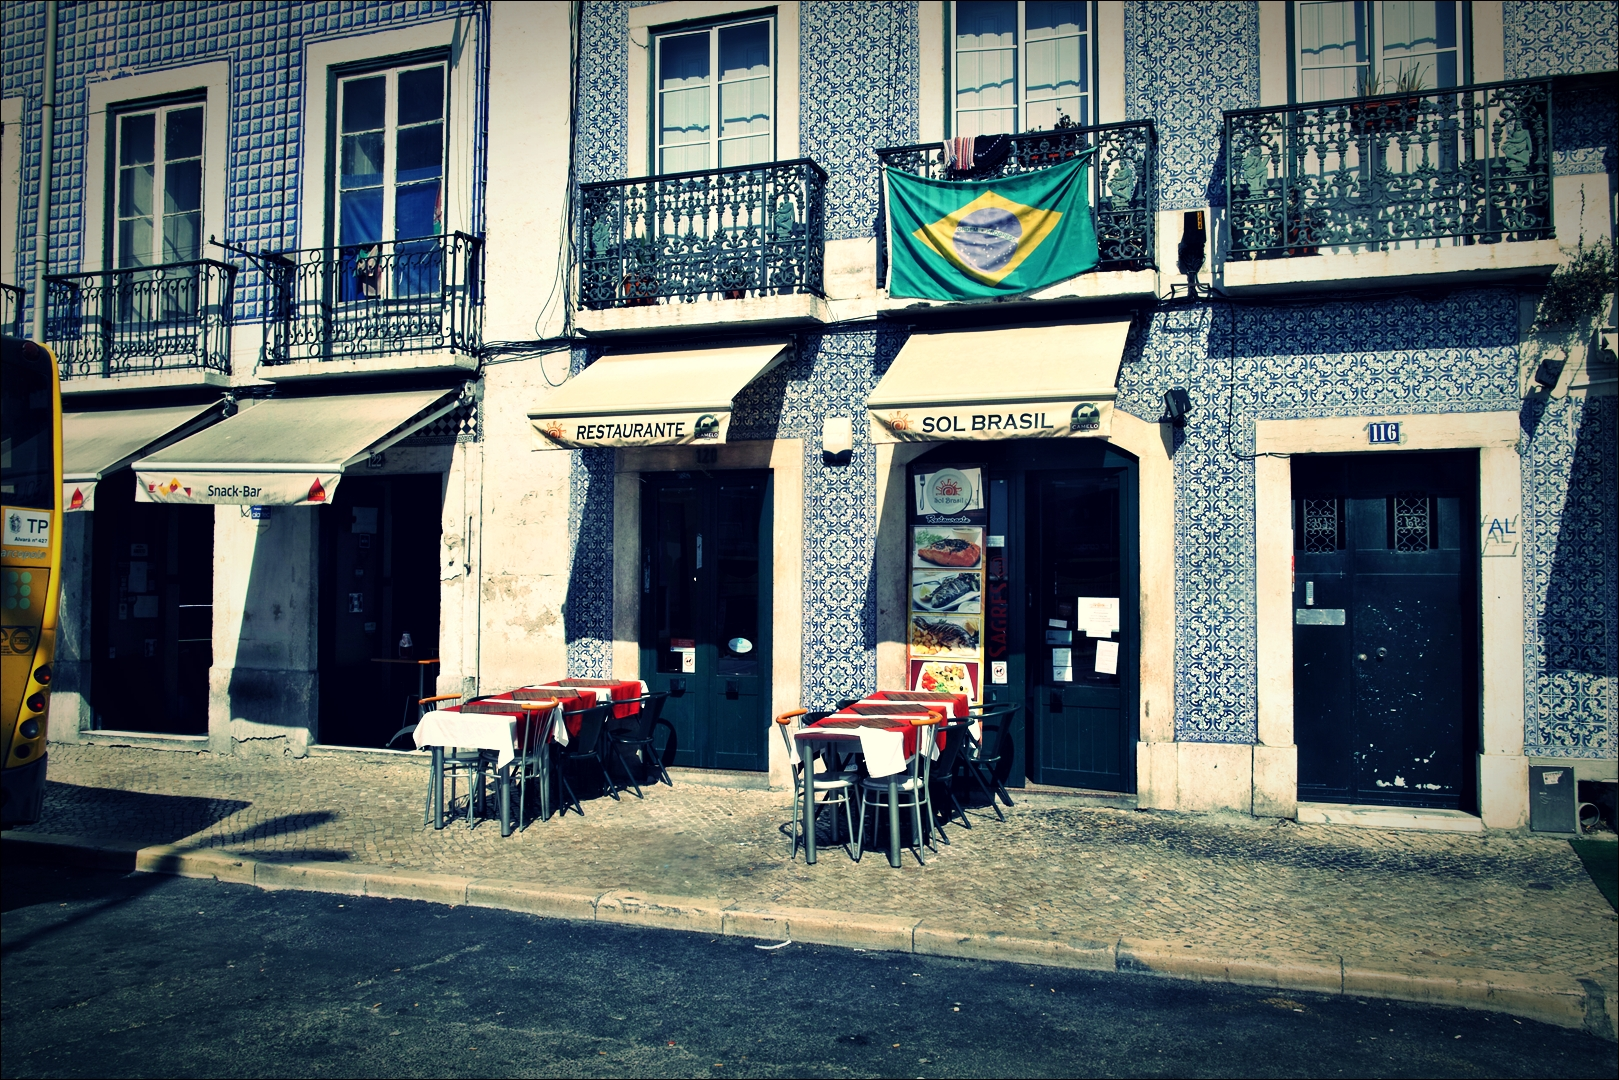 식당-'솔 브라질(Restaurant Sol brazil)'